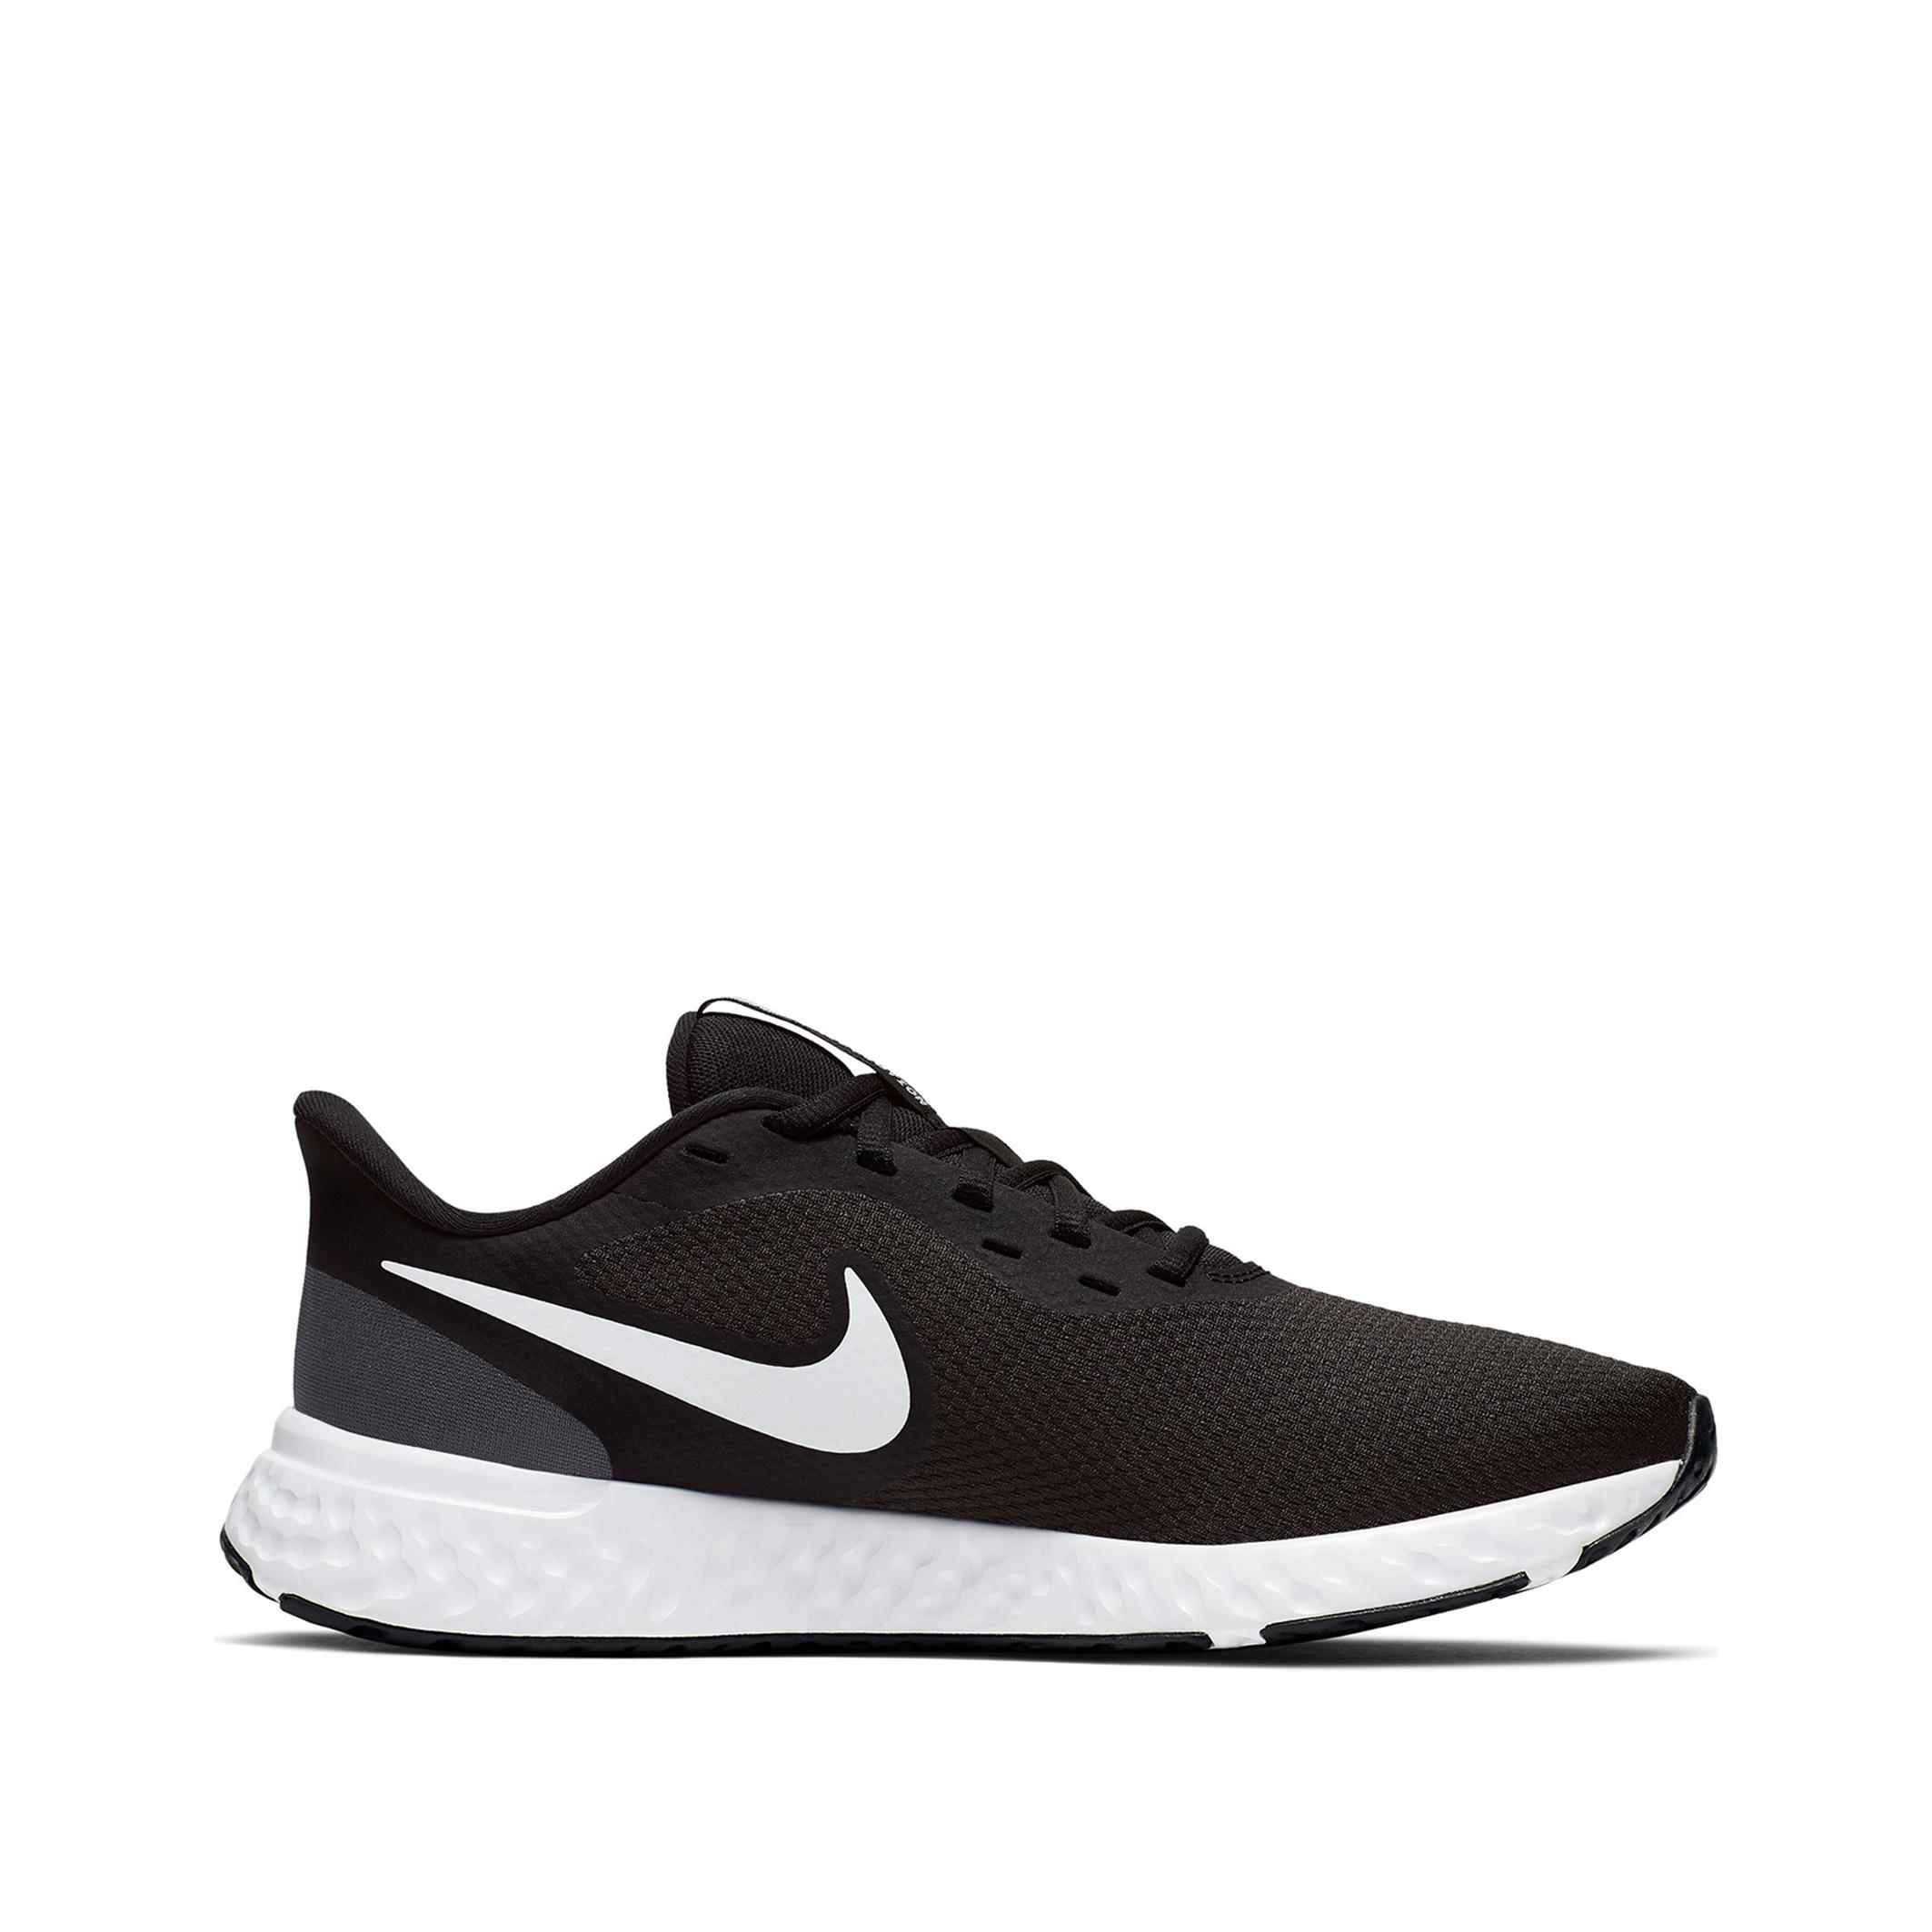 Nike revolution 5 hardloopschoenen zwart/wit dames online kopen